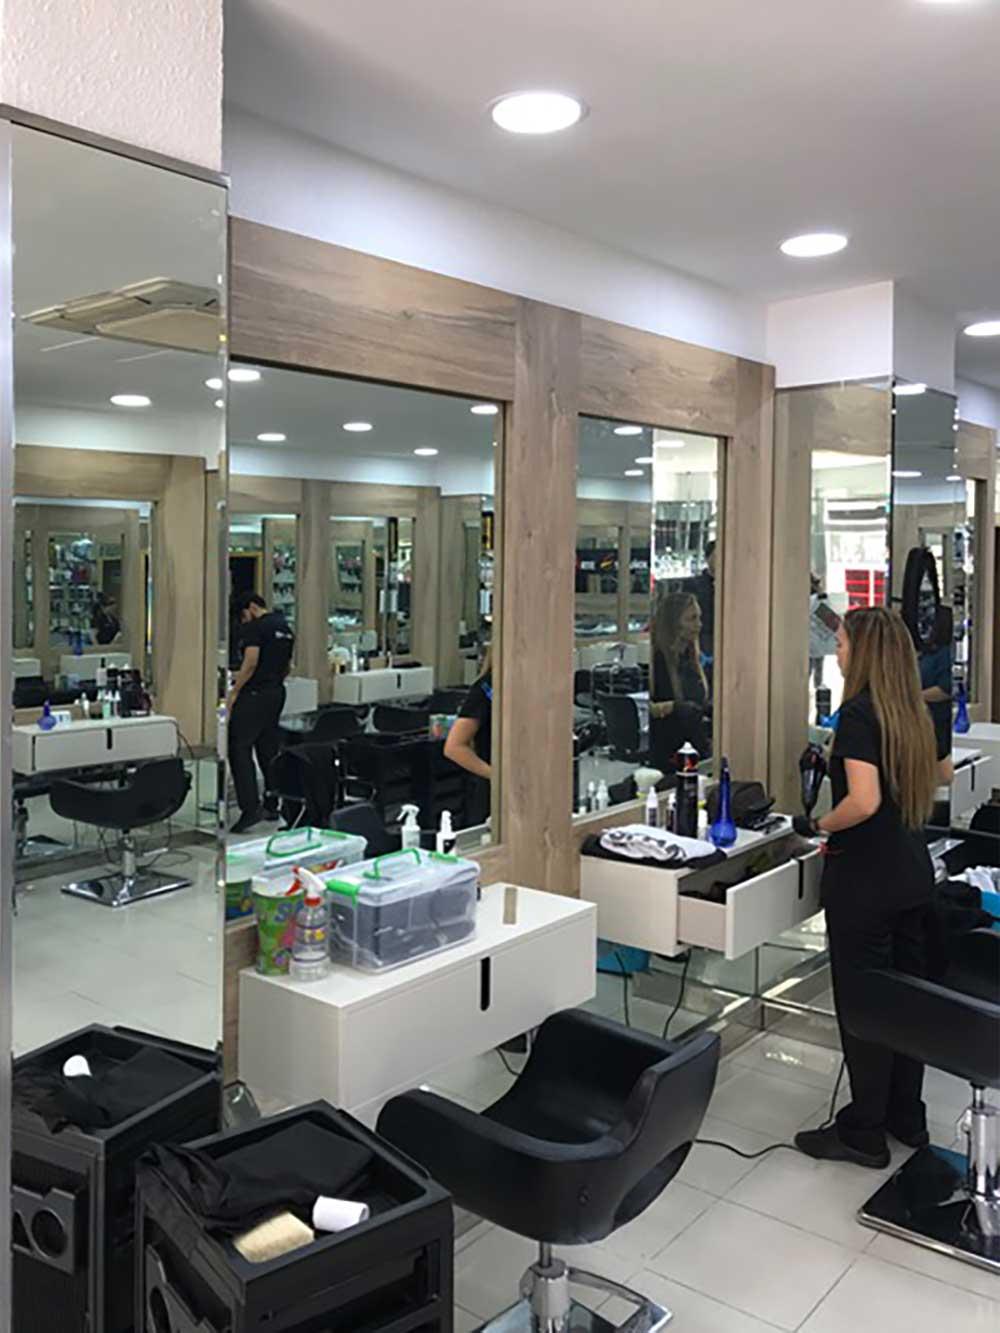 Digar kiona proyecta una peluqueria con piezas olut olut - Estilos de interiorismo ...